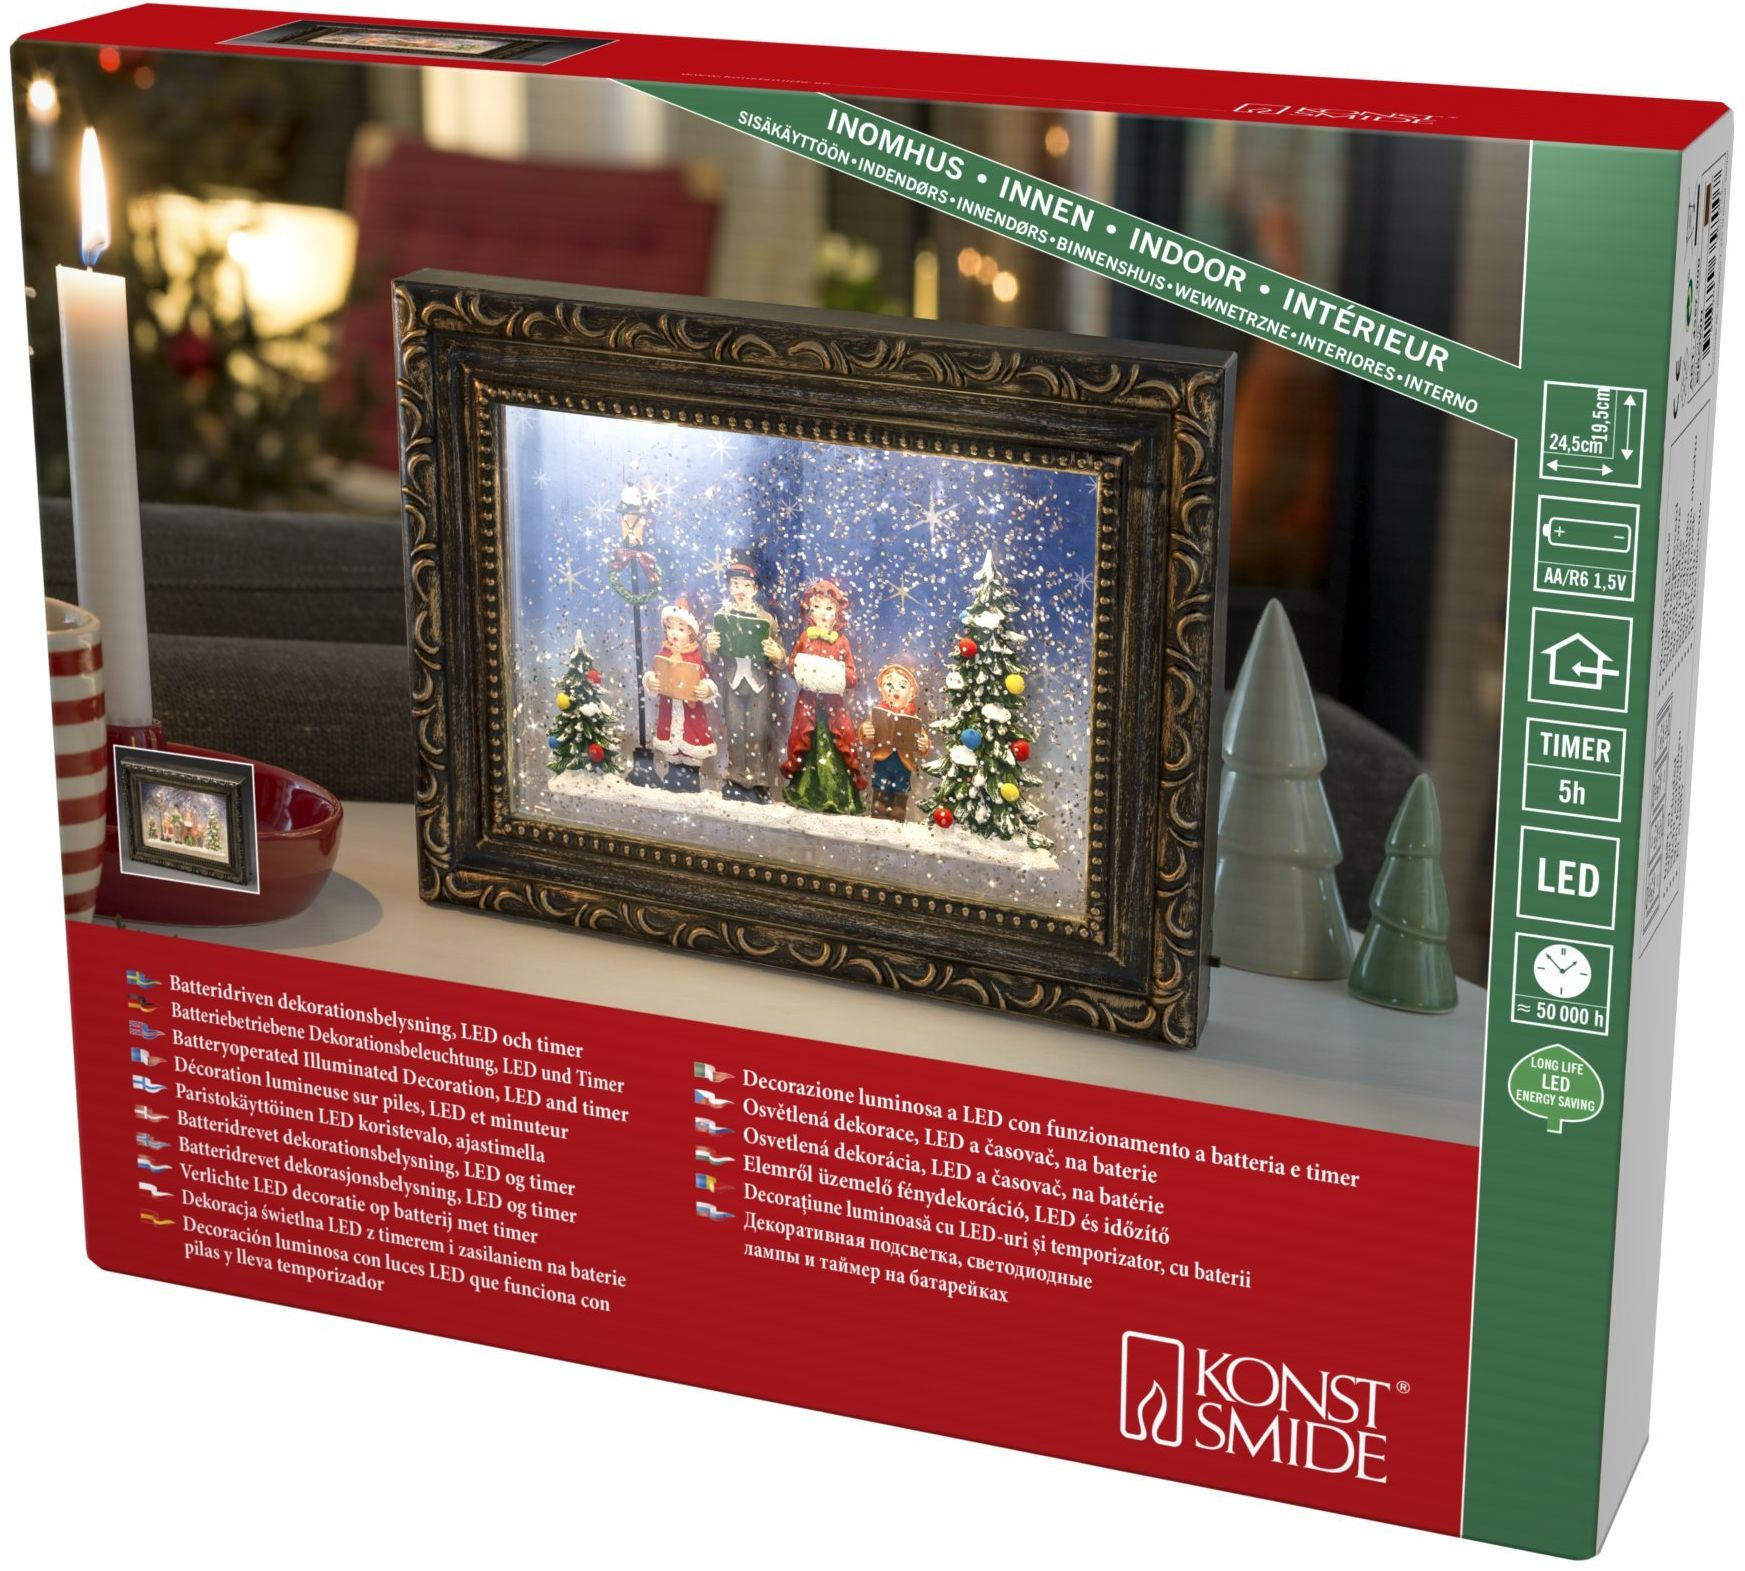 Konstsmide, 4357-000, ramka na zdjęcia LED z latarnią bożonarodzeniową, wypełniona wodą, timer 5 h, 2 diody o ciepłej białej barwie, na baterie, do użytku wewnątrz